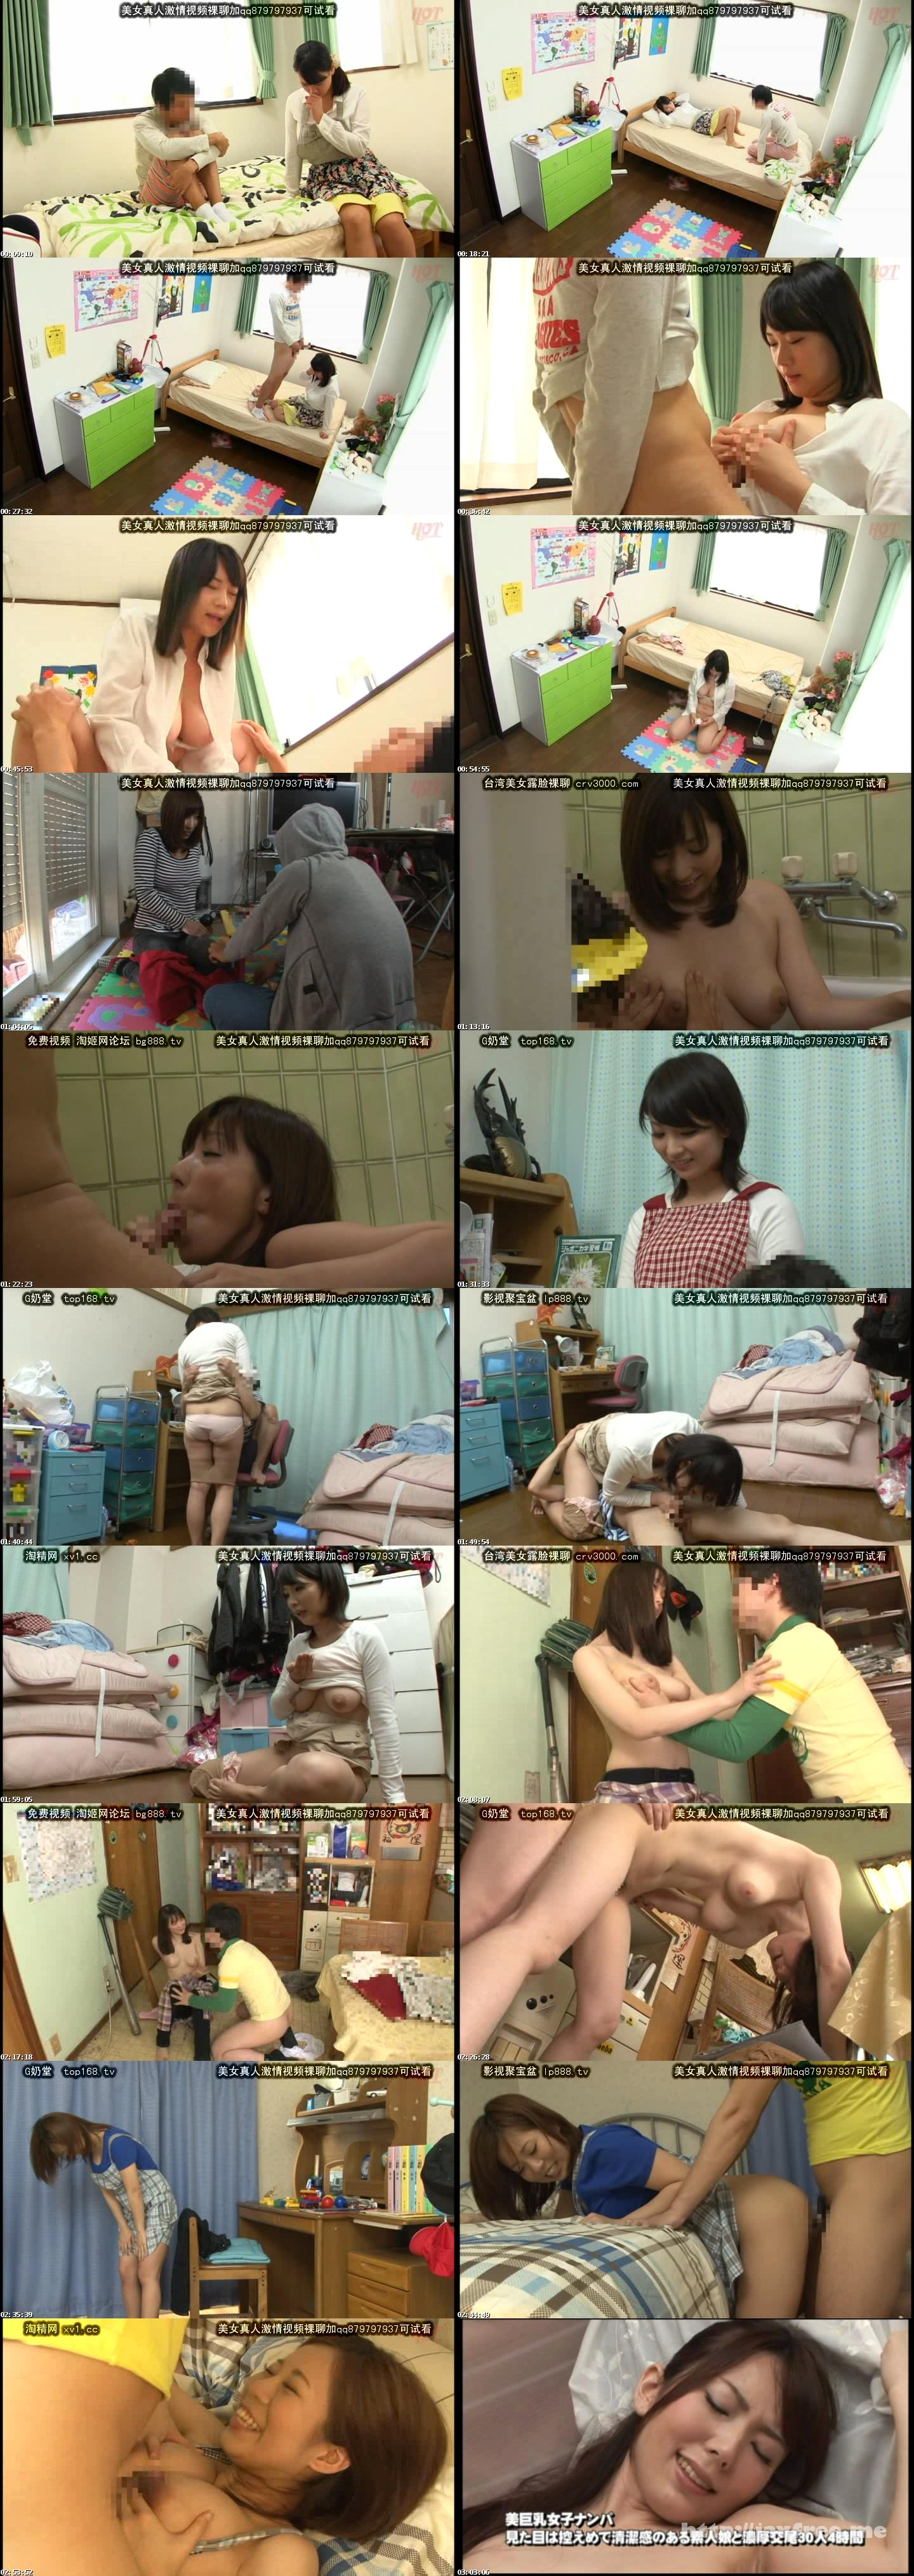 [SHE 250] グラマラスで母性的なお姉さんが大人を誘惑する美少年と繰り広げる罪深いSEX SHE